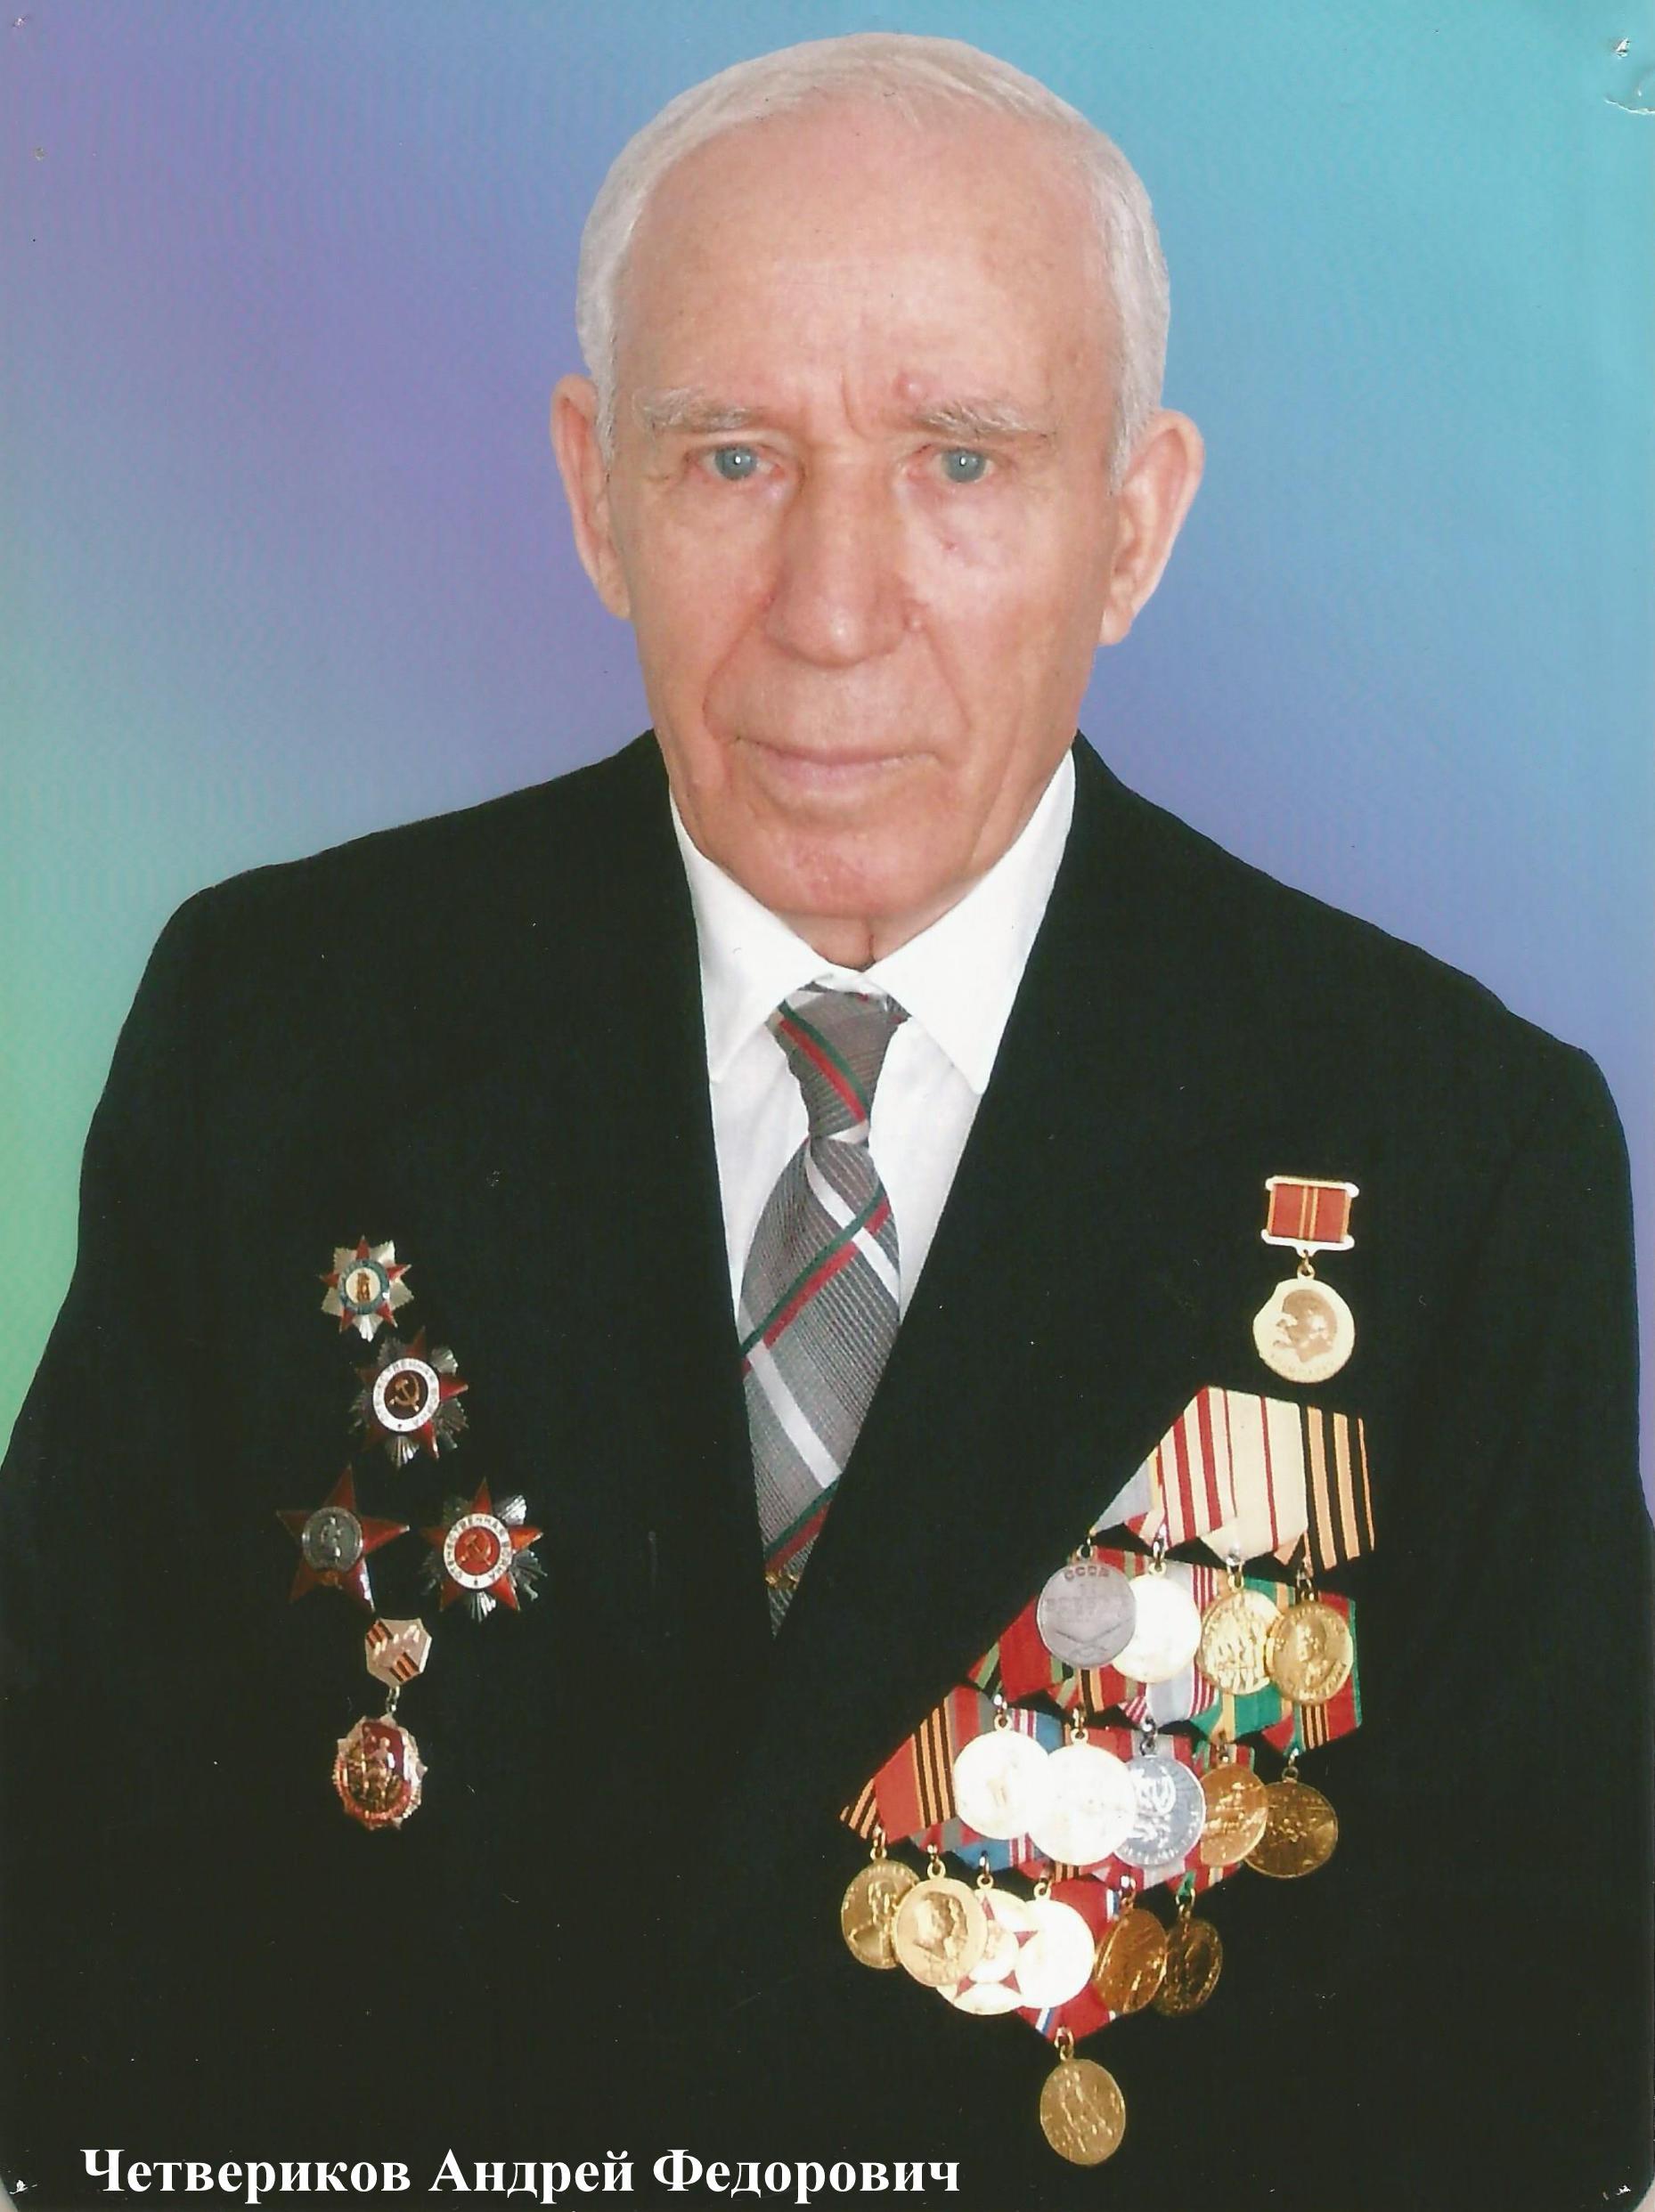 Четверяков Андрей Федорович.jpg